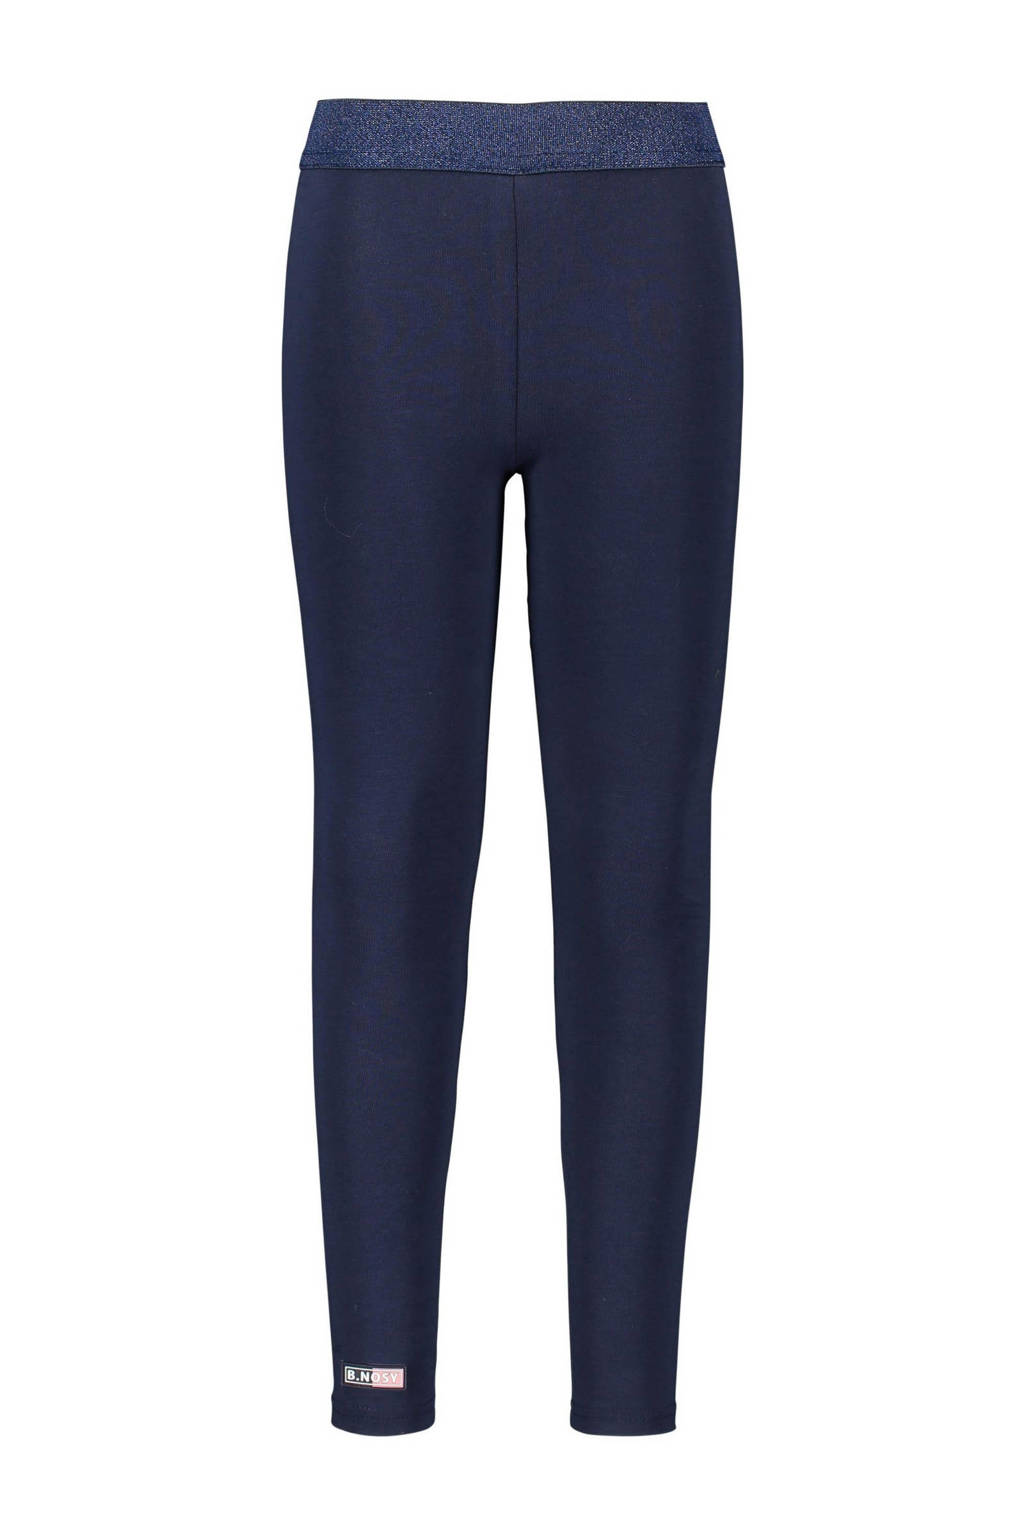 B.Nosy legging donkerblauw, Donkerblauw